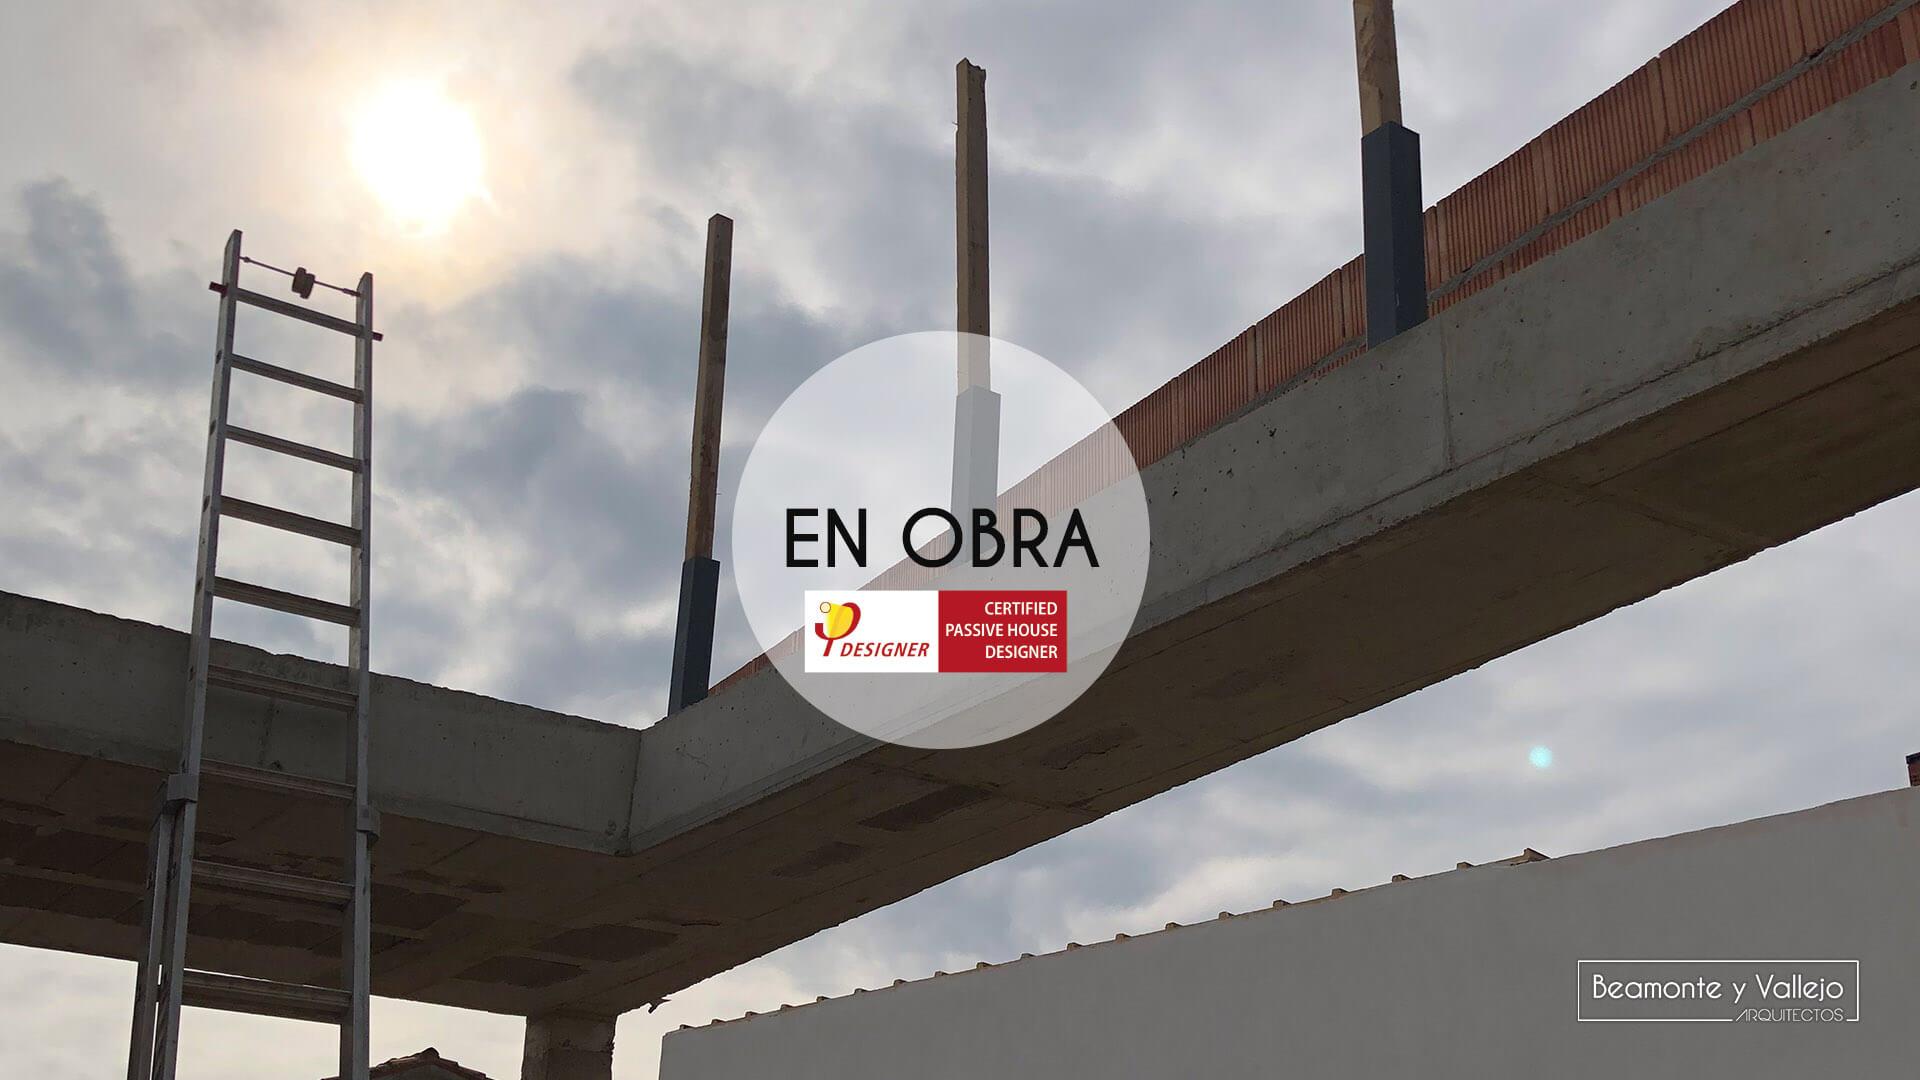 Beamonte y Vallejo arquitectos - Passivhaus Pradejón en obra - 2